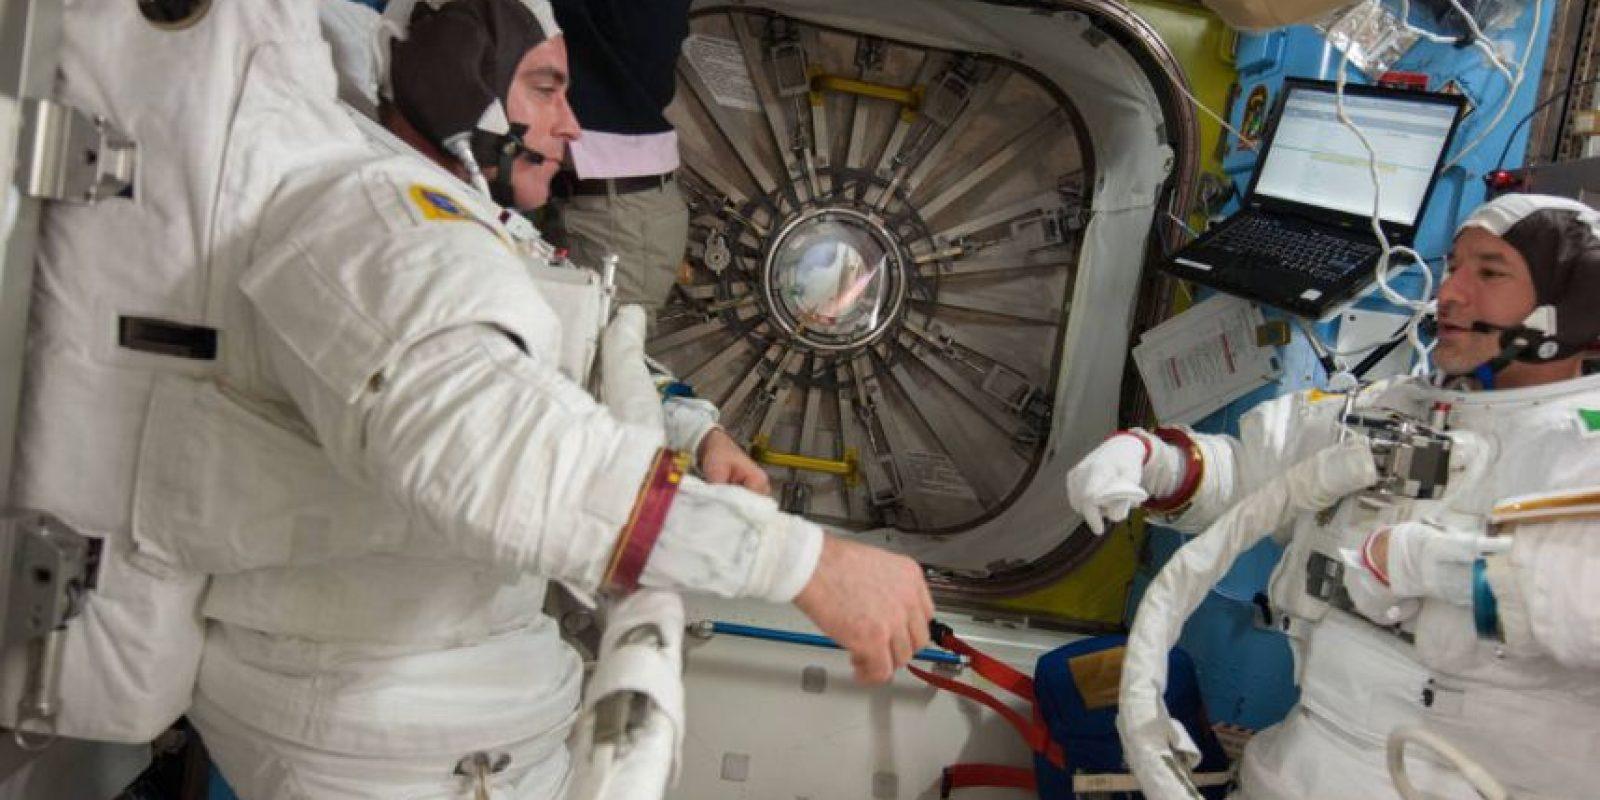 El astronauta Chris Cassidy (izquierda) y la astronauta Luca Parmitano, con sus grandes uniformes. Foto:Vía nasa.gov